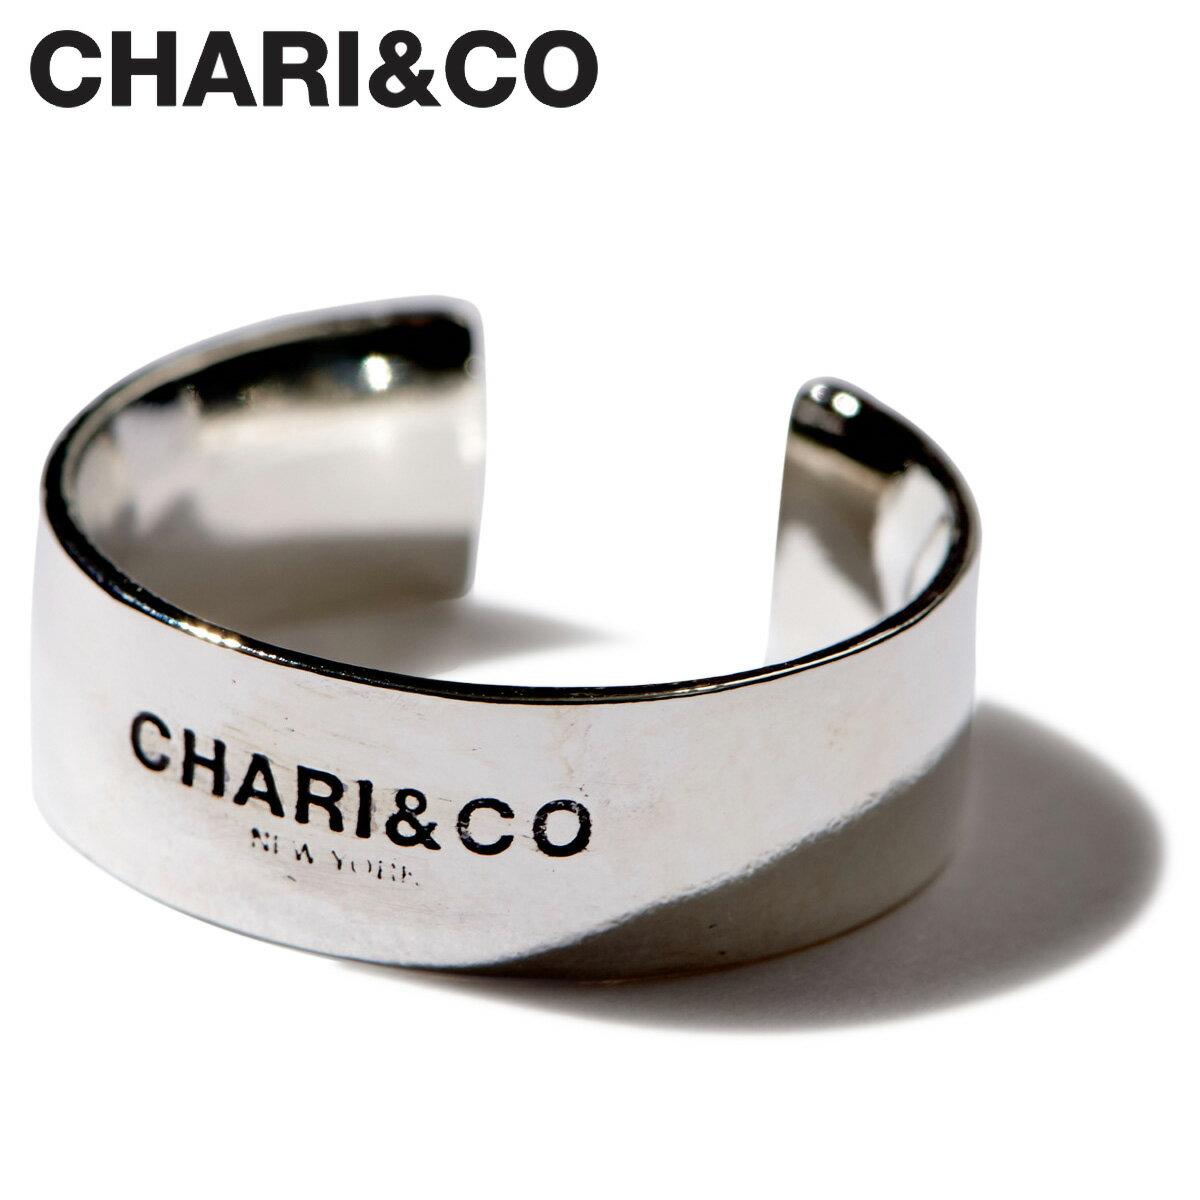 メンズジュエリー・アクセサリー, 指輪・リング 2000OFF CHARICO BOLD LOGO RING